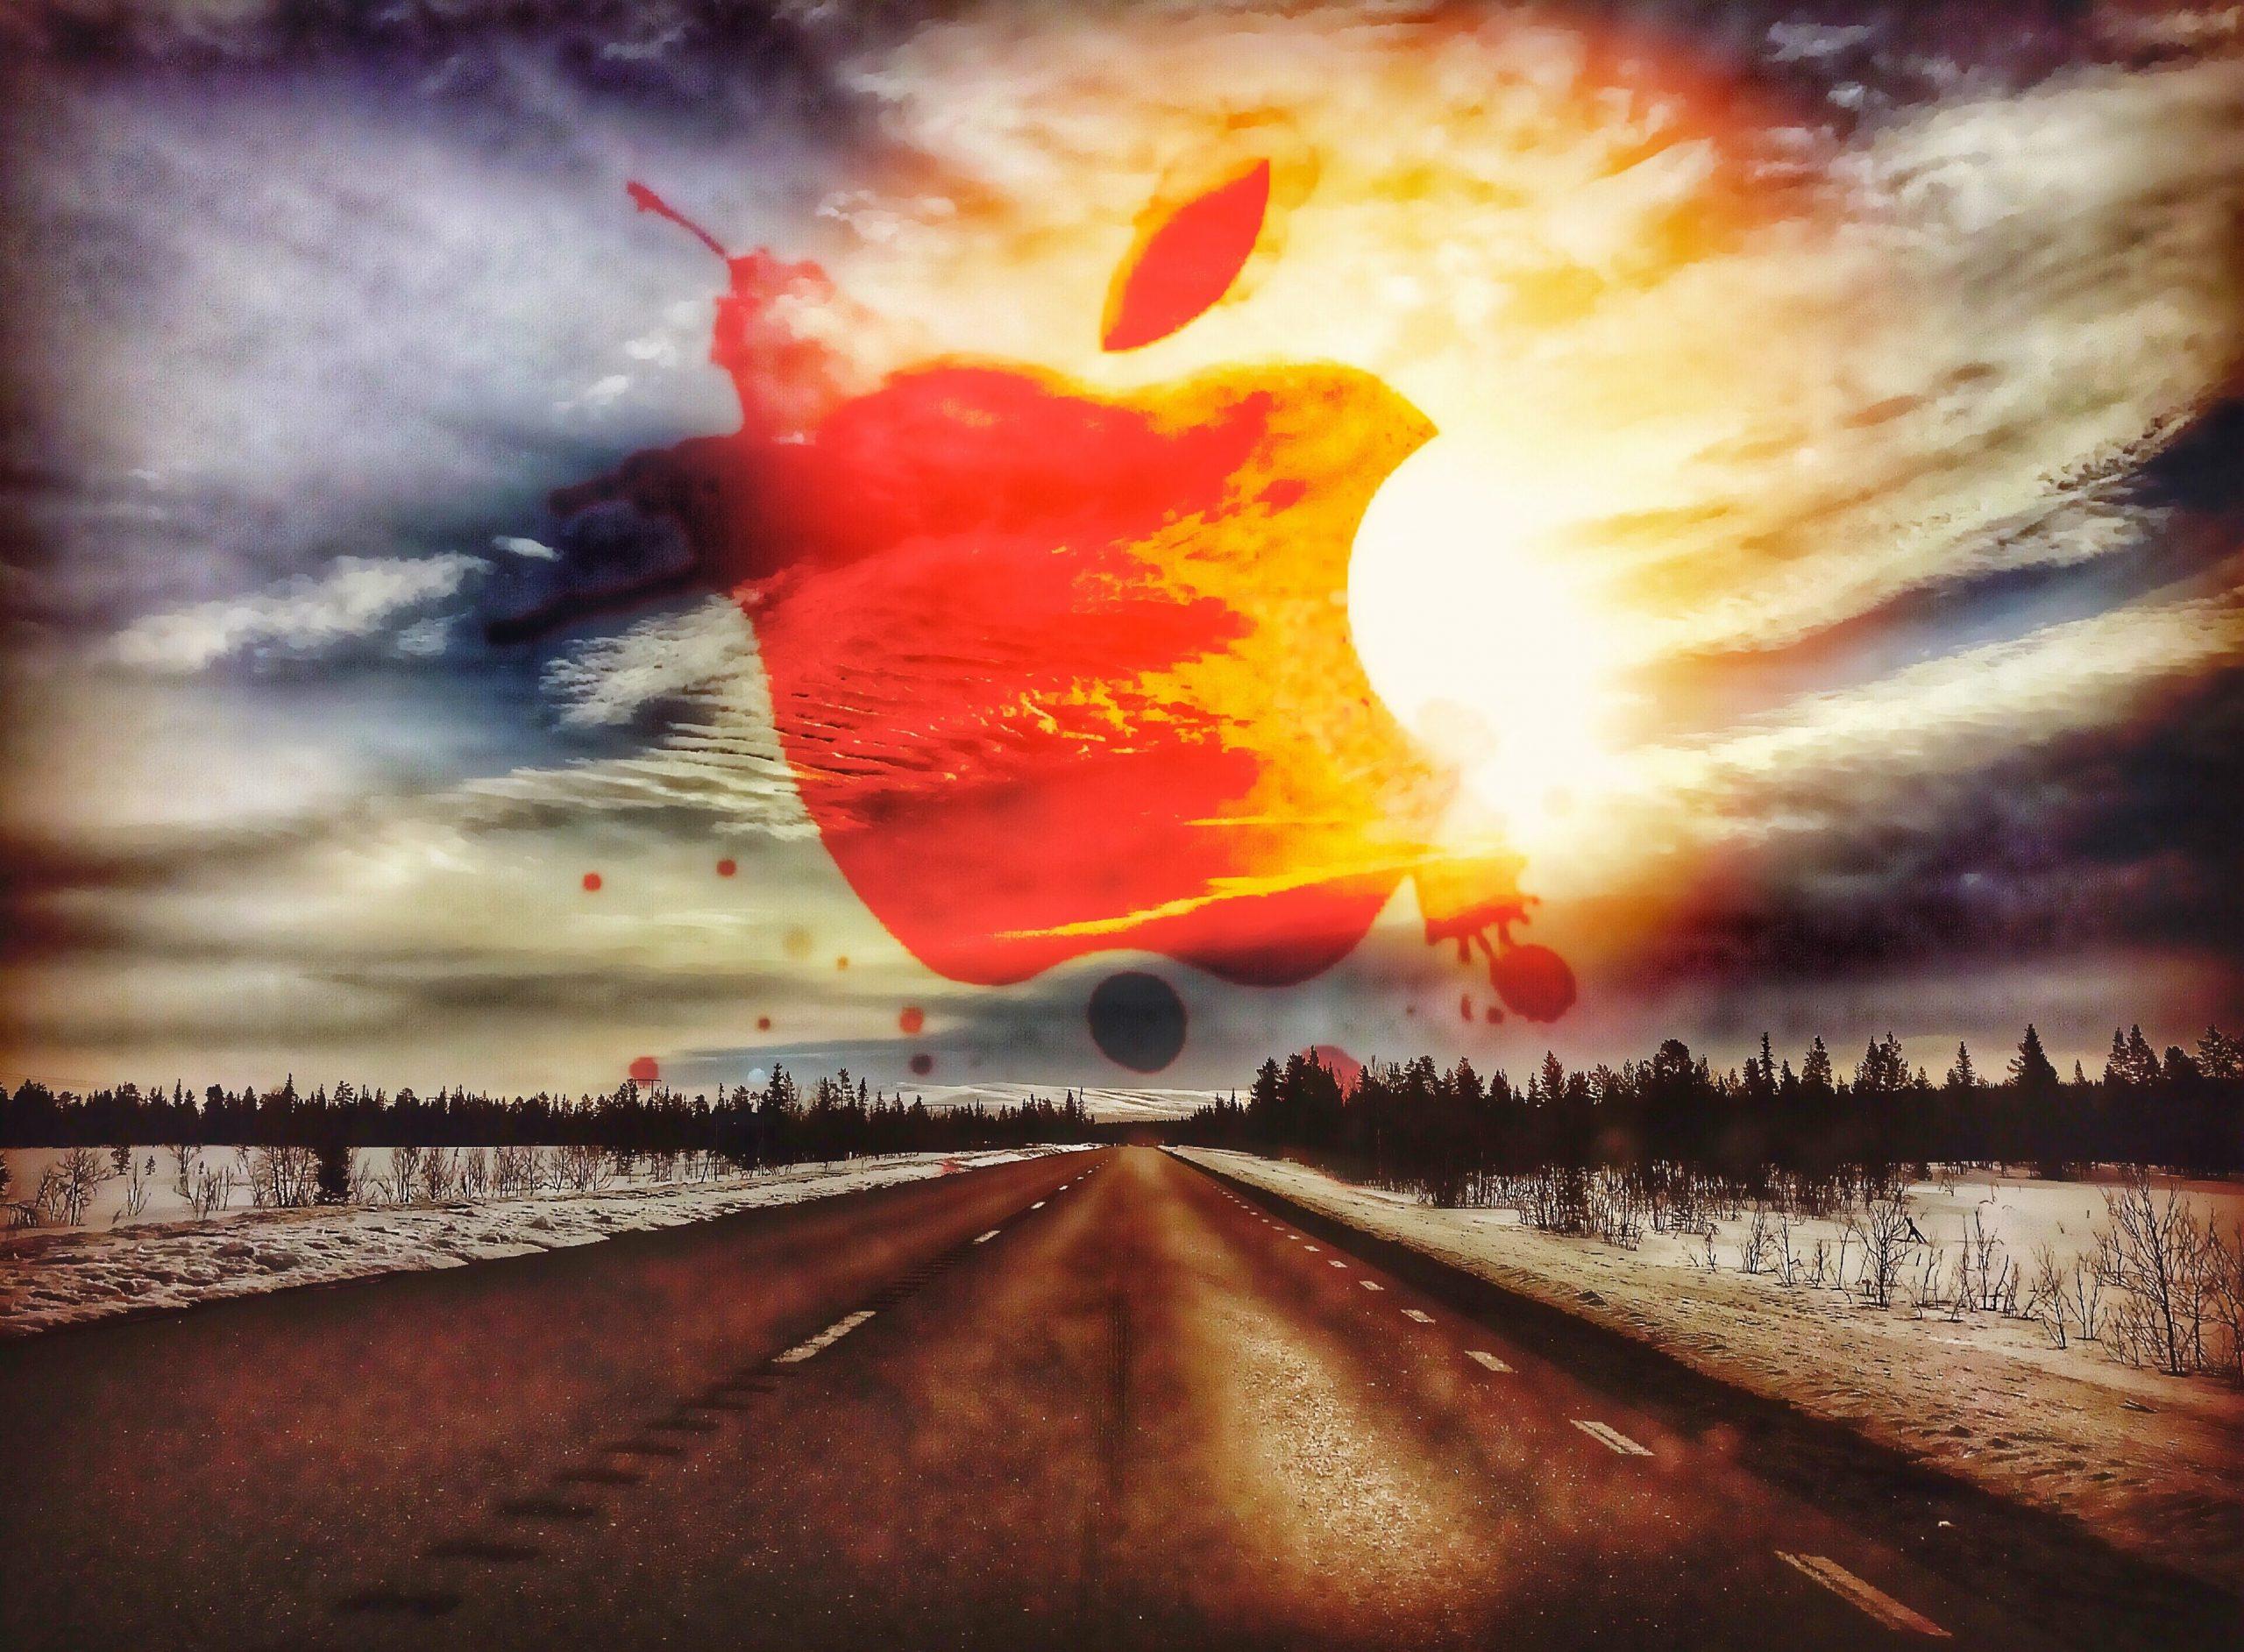 Apple support, som det ska vara? [Uppdaterad]